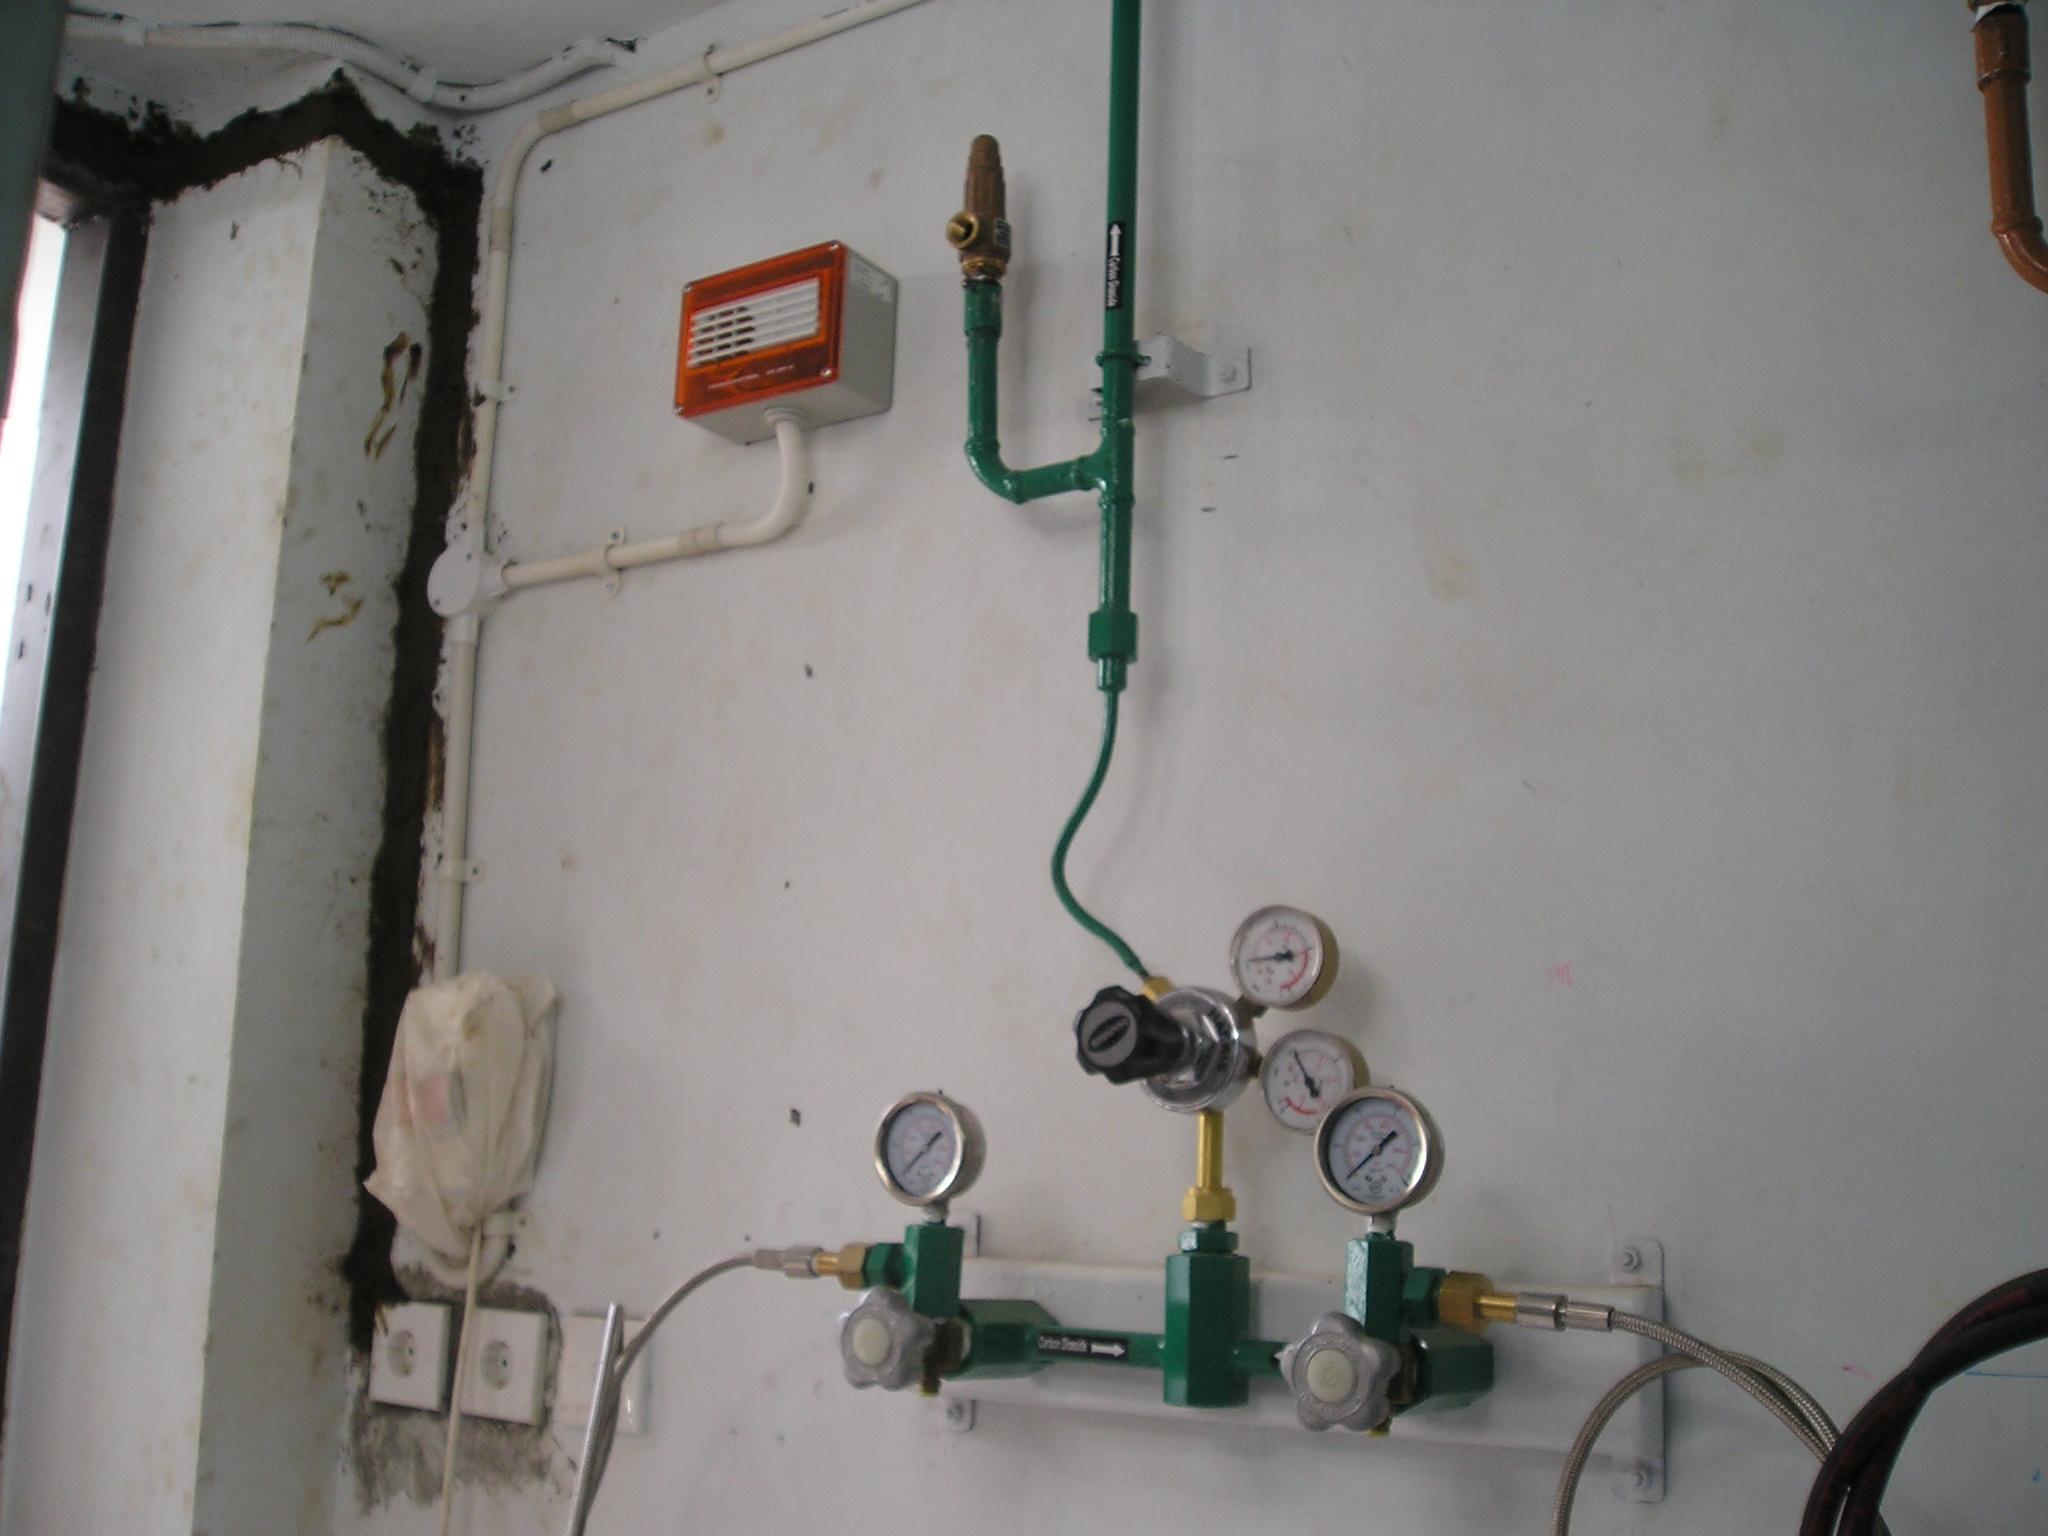 Kontraktor Gas Medis Rumah Sakit di Loksado Hulu Sungai Selatan Kalimantan Selatan